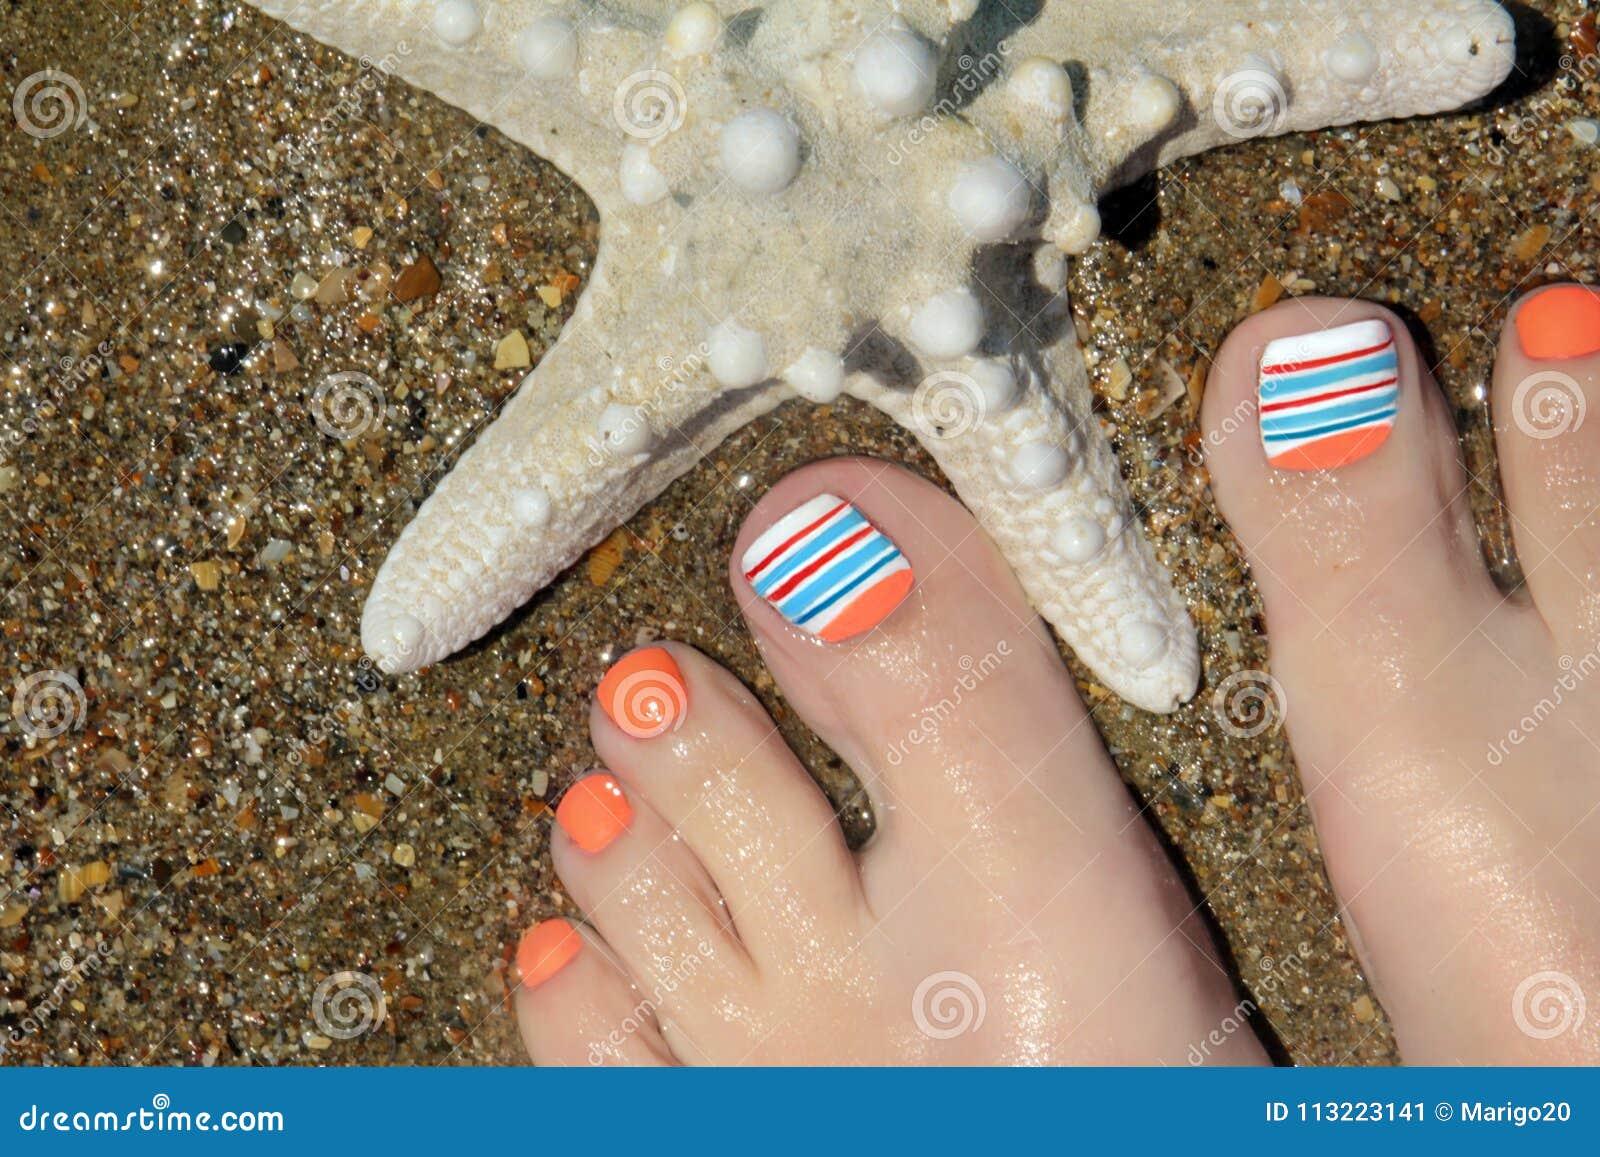 Marine Nail Design Stock Image Image Of Orange Line 113223141